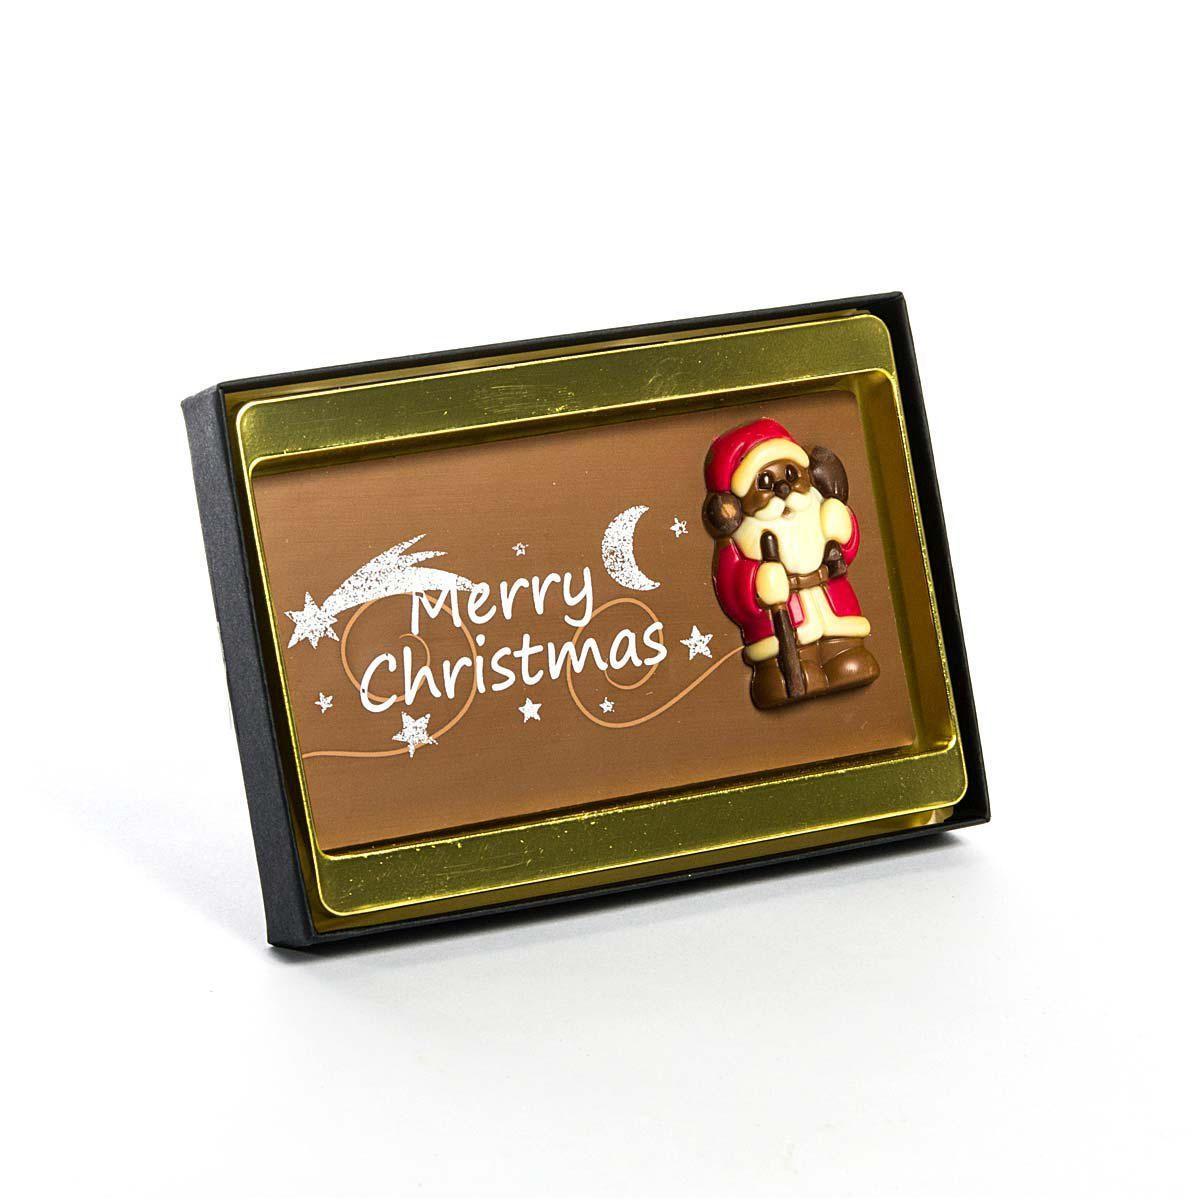 Schokoladenrelieftafel Christmas, 75 g - einfach-geschenke-finden.de